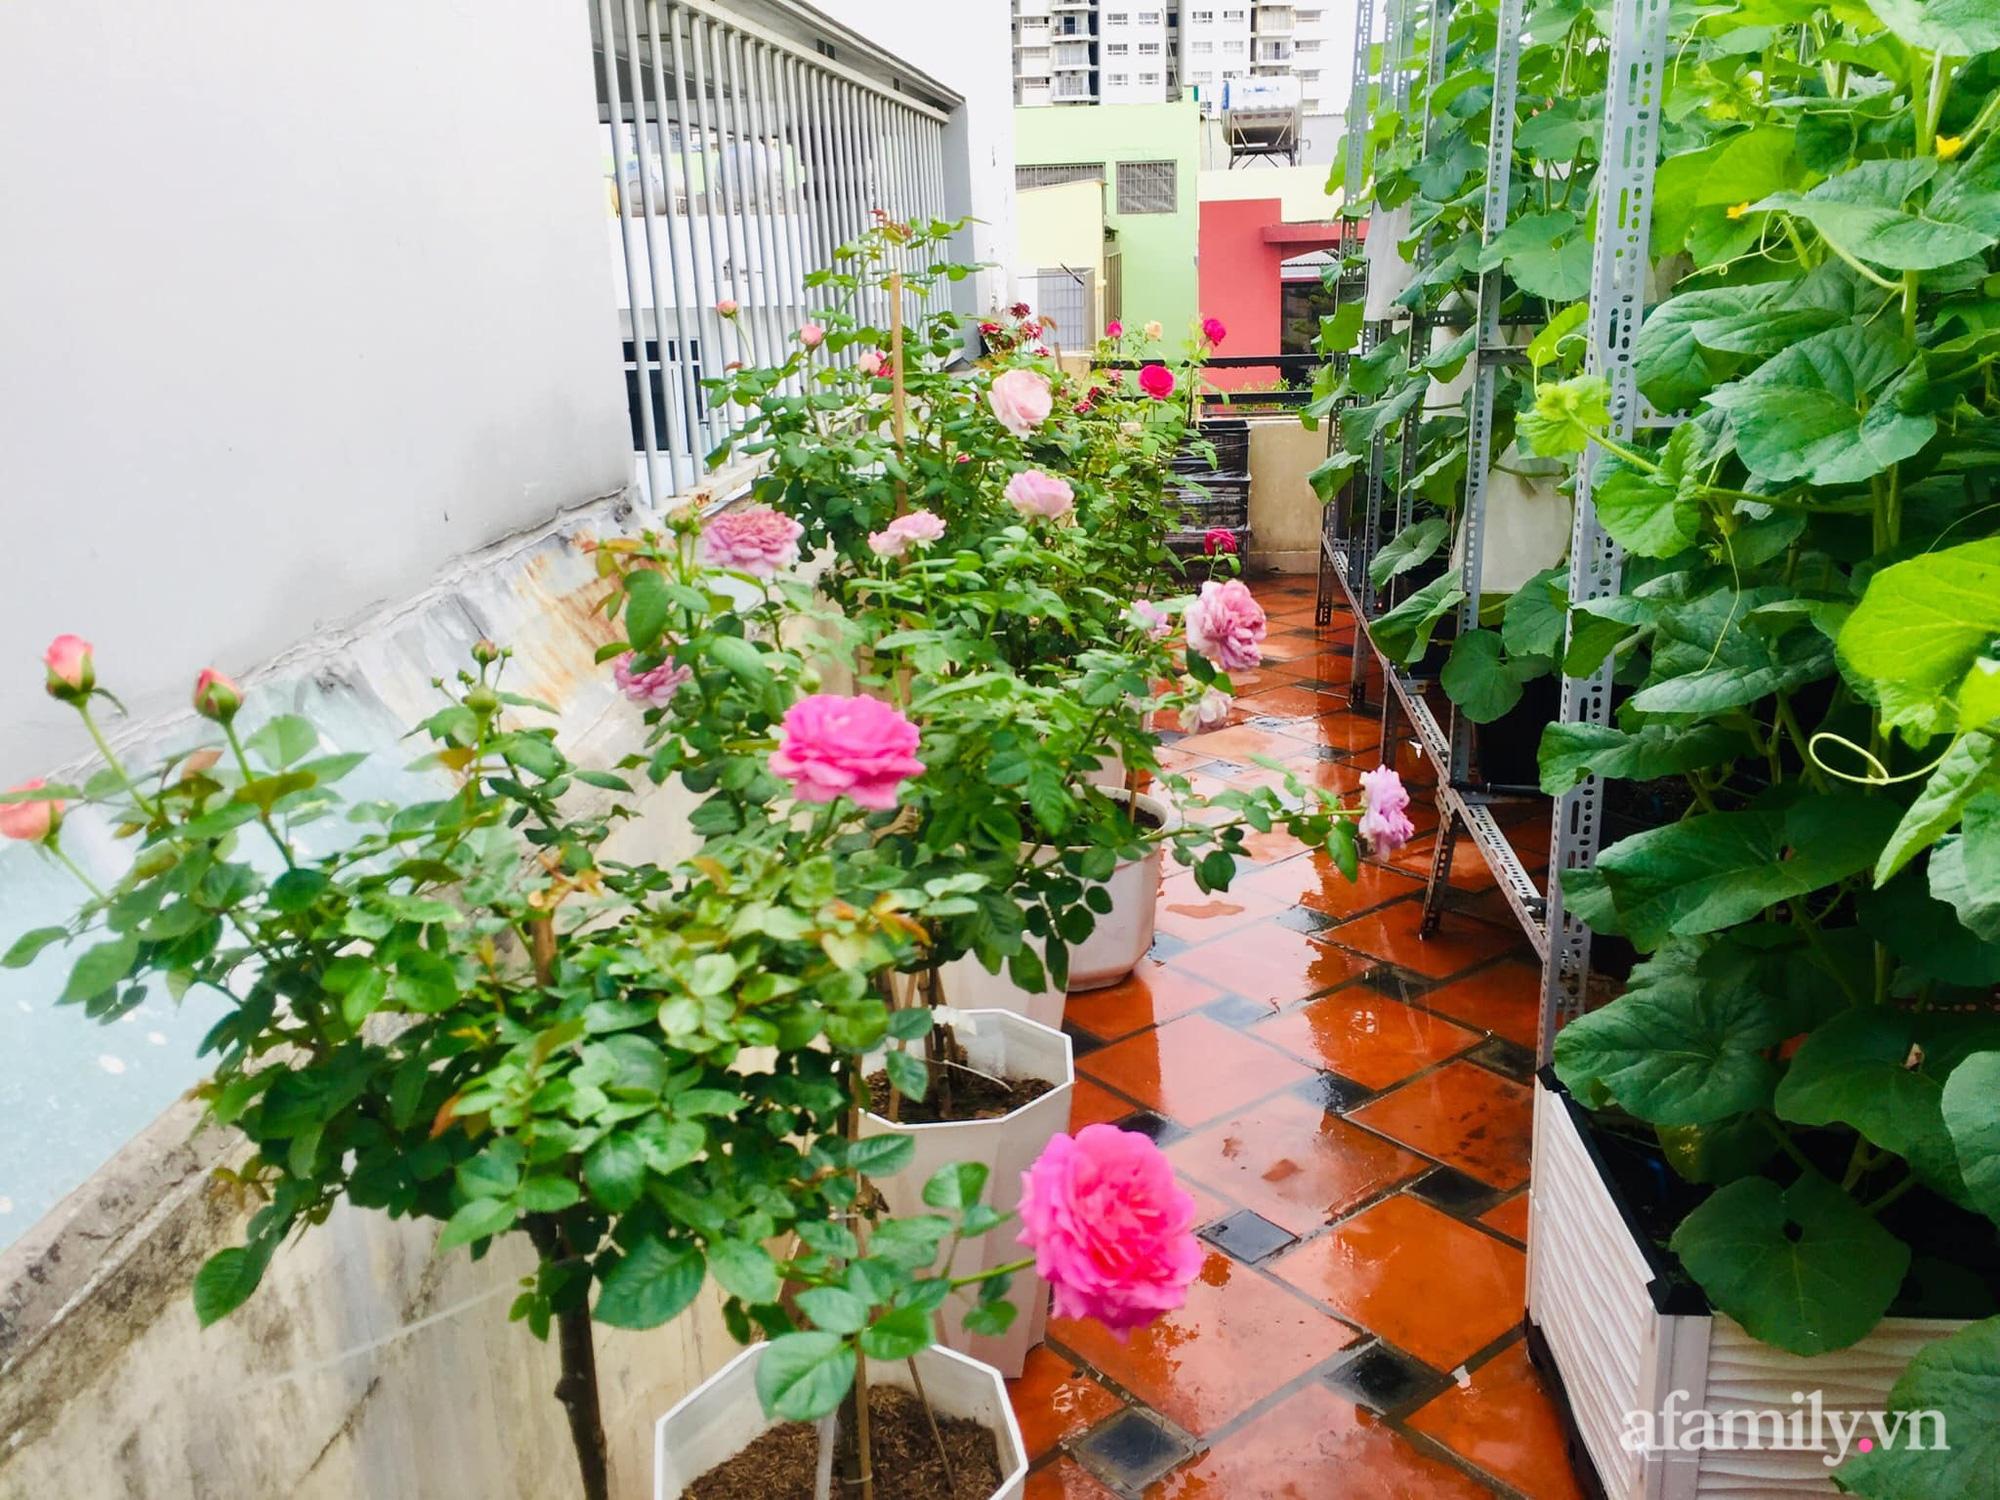 Ghé thăm sân thượng thu hoạch cả tạ dưa đủ loại của người phụ nữ đảm đang ở quận 6, Sài Gòn - Ảnh 20.